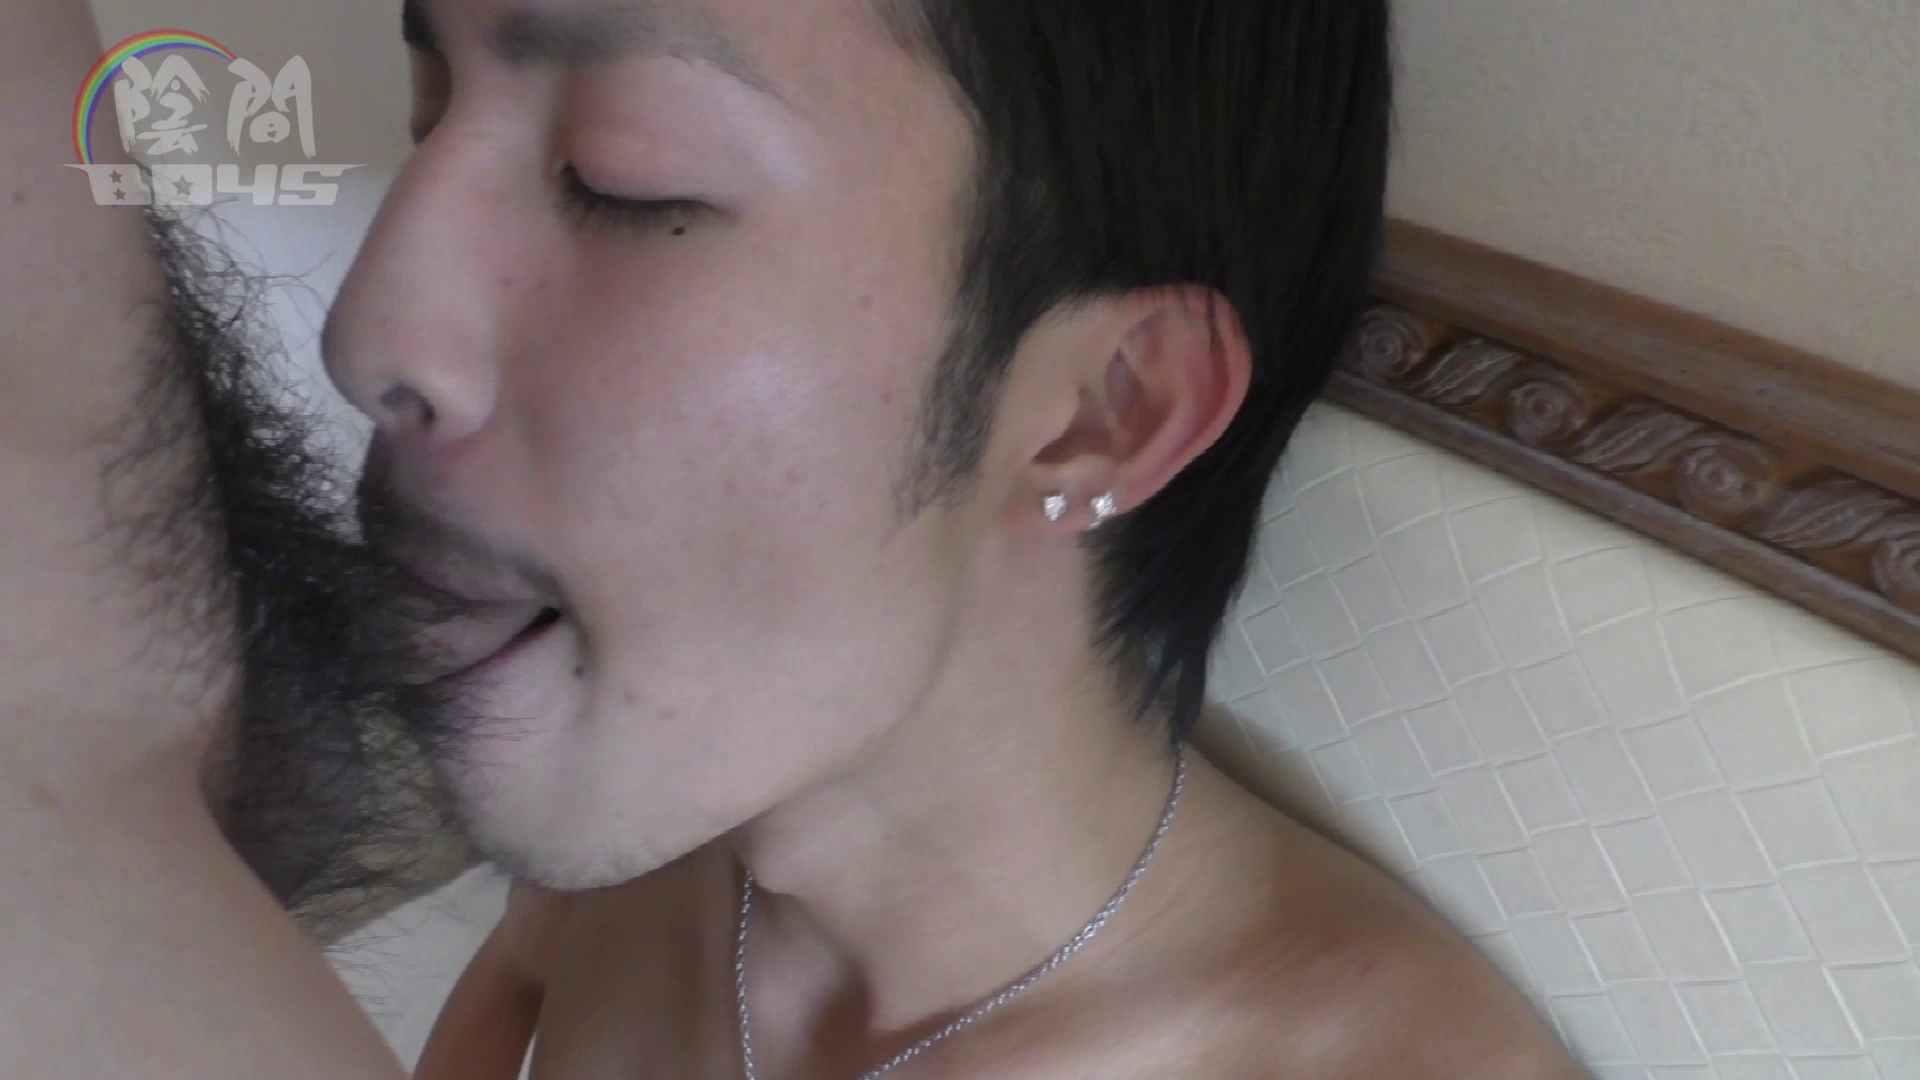 陰間BOYS~「アナルだけは許して…2」~04 しごかれ ゲイ無料エロ画像 69pic 68